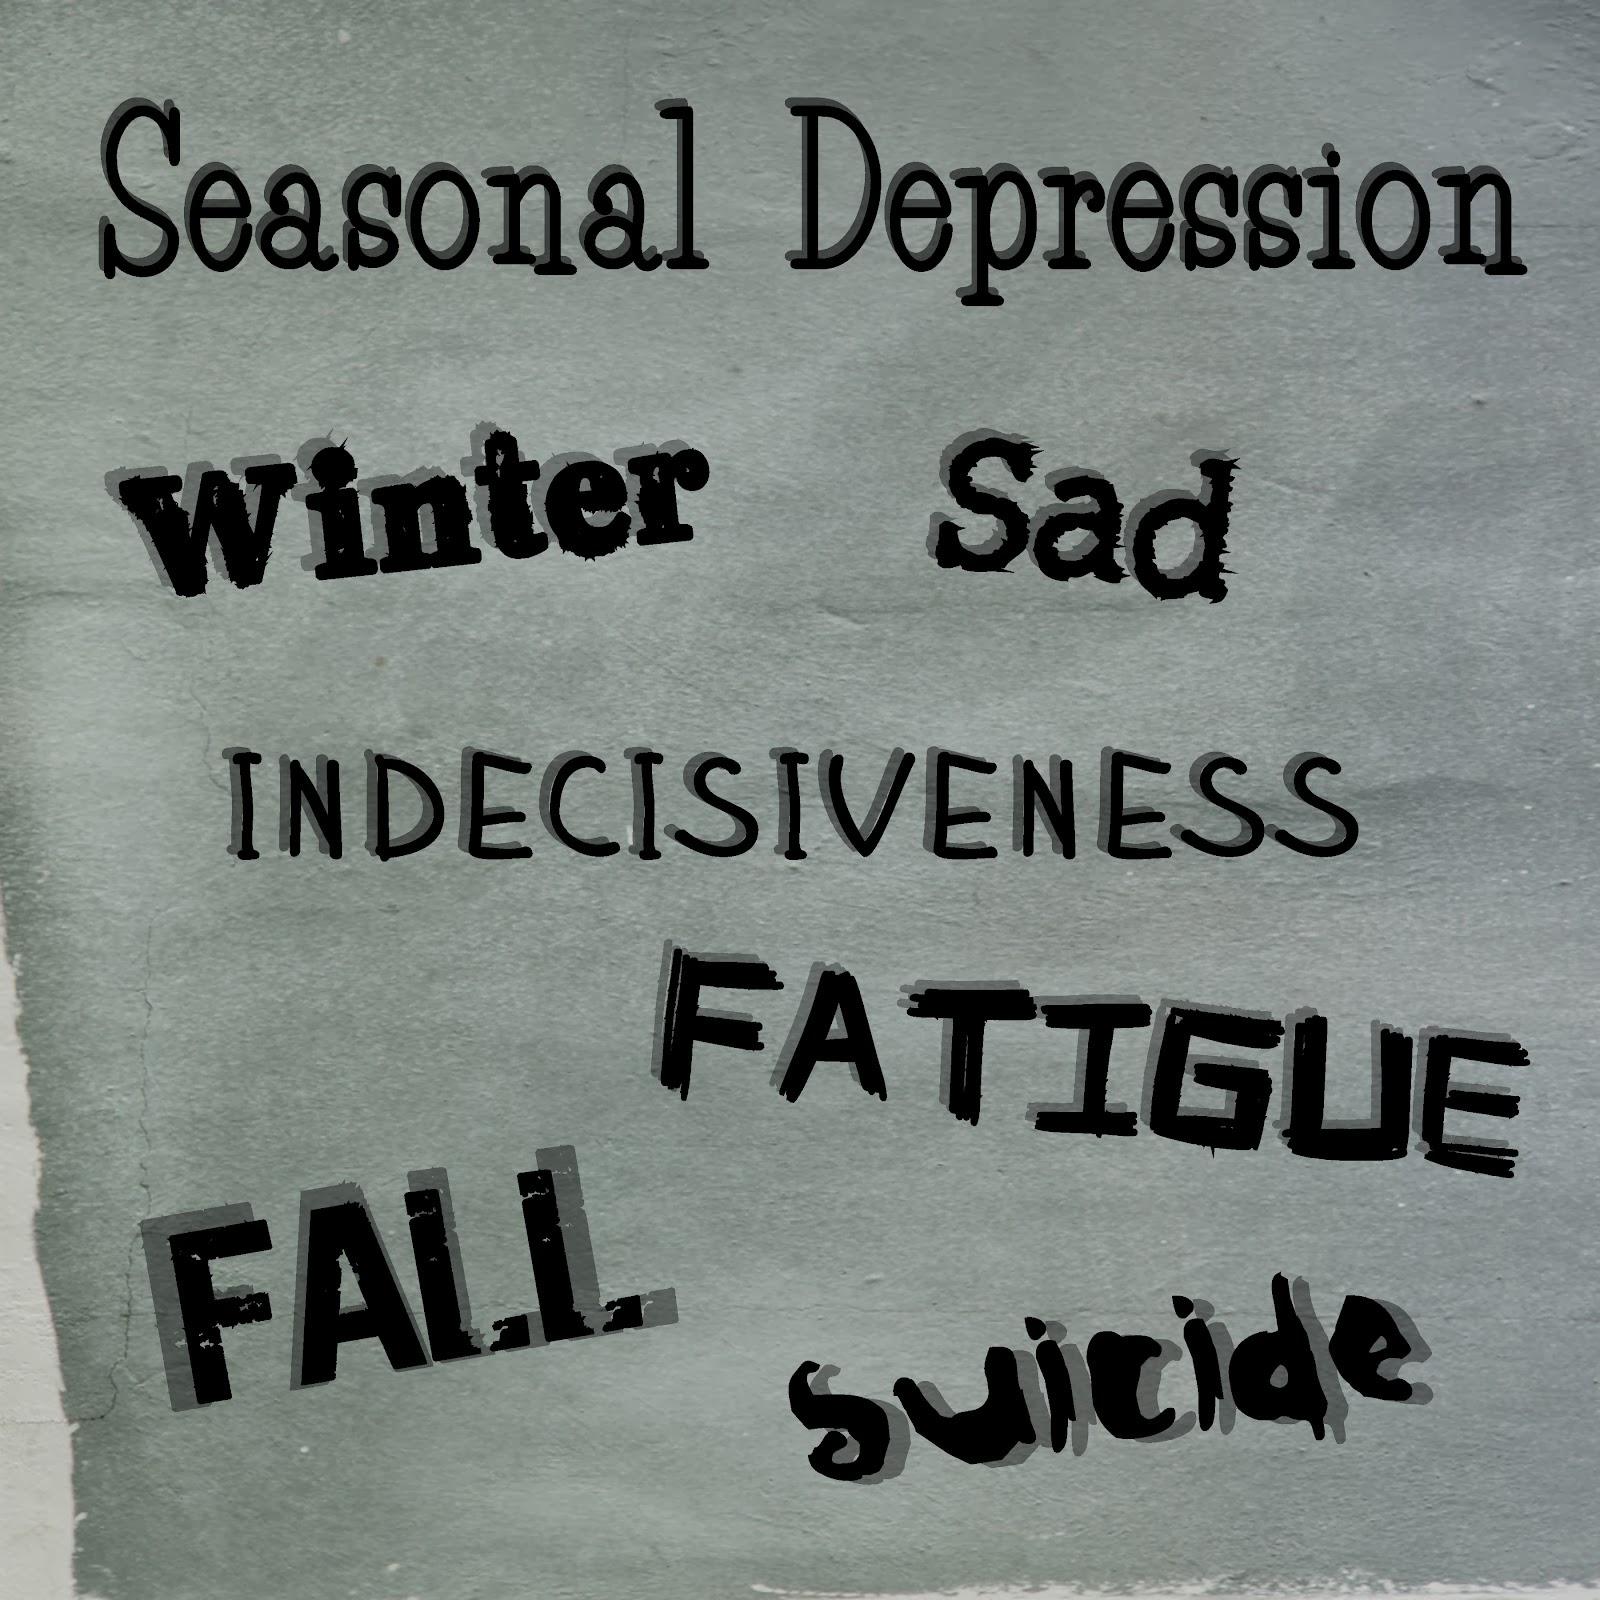 Depression Quotes Tattoos Quotesgram: Winter Depression Quotes. QuotesGram